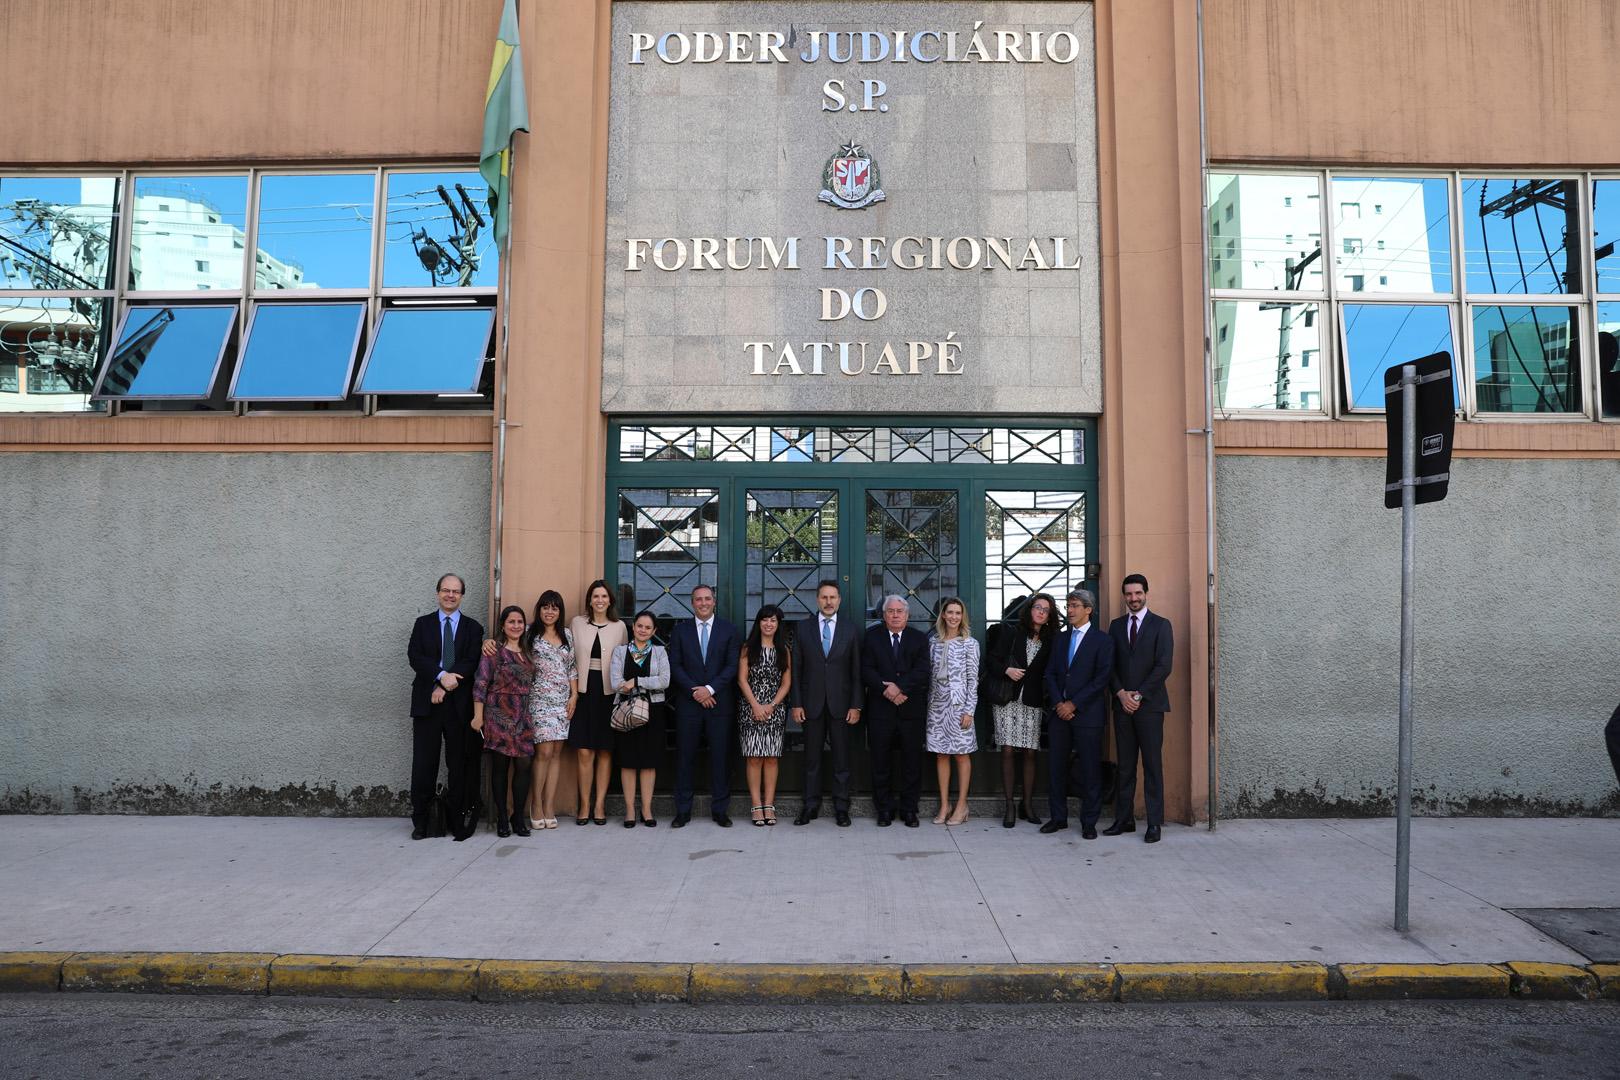 Judiciário em ação: FR do Tatuapé recebe a visita do presidente do TJSP